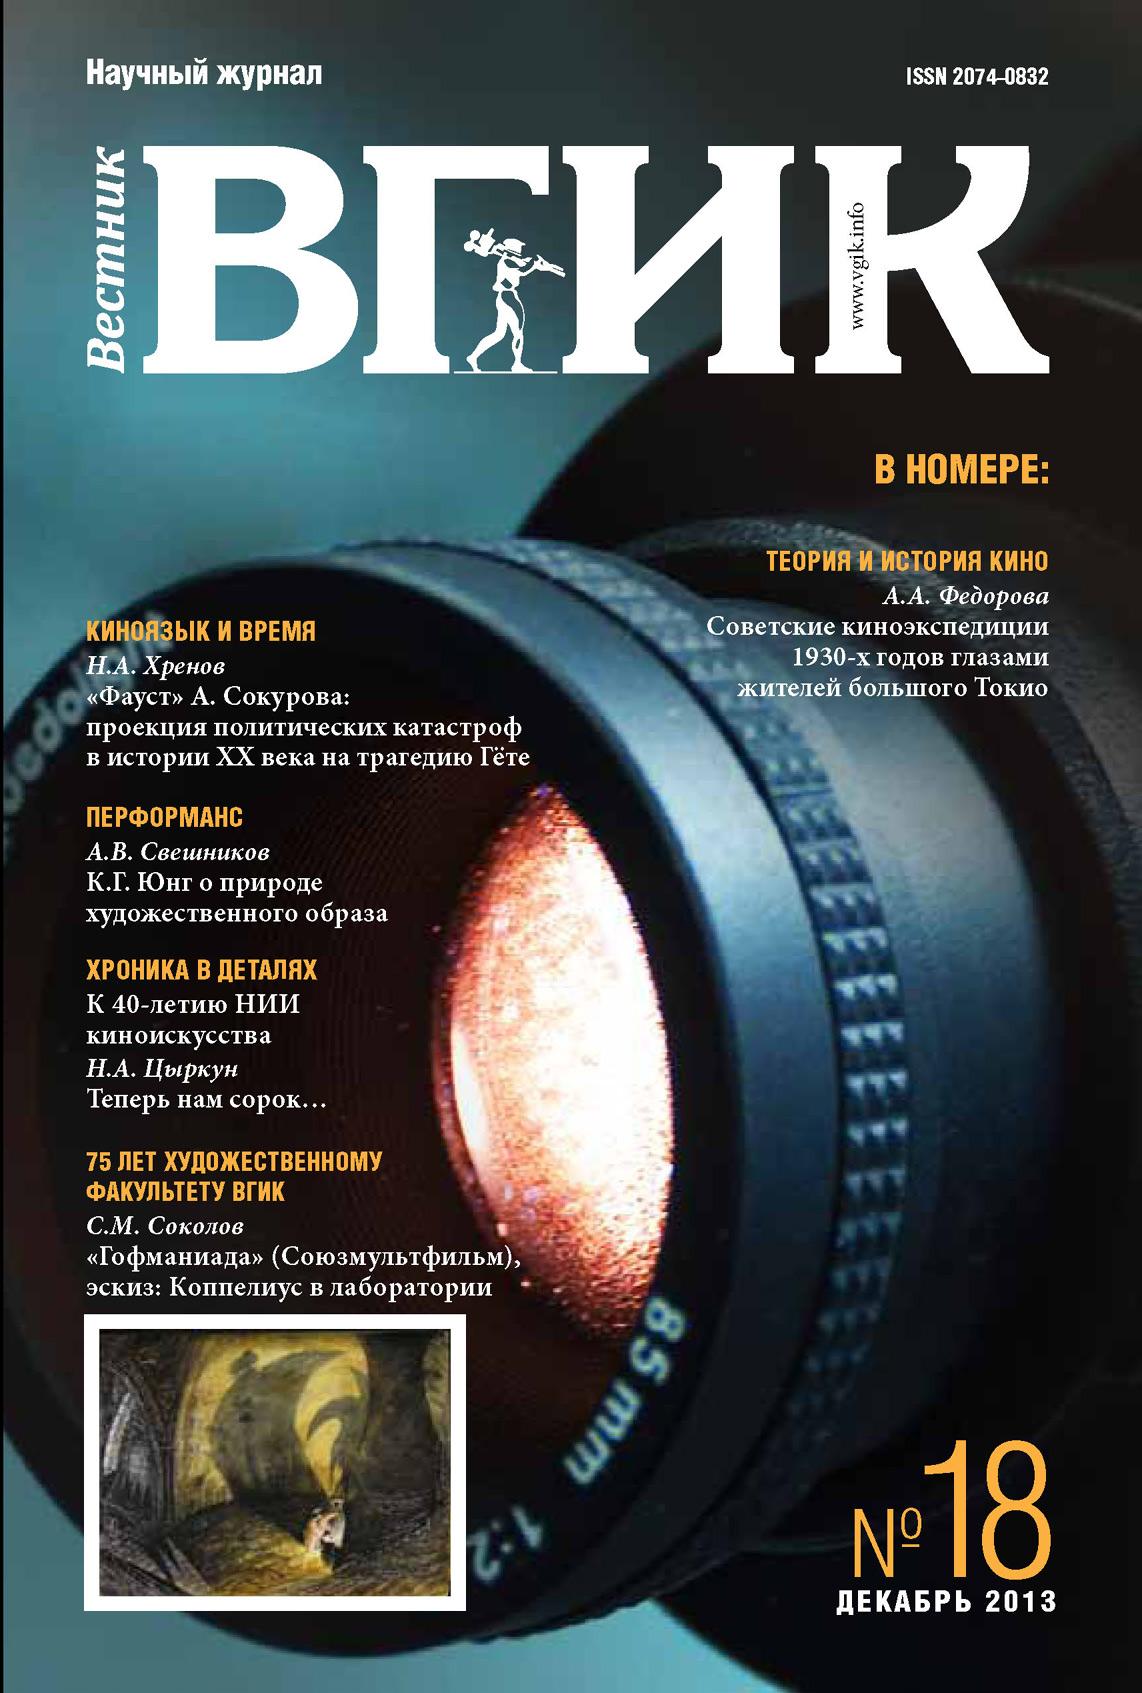 Вестник ВГИК №18 декабрь 2013 ( Отсутствует  )